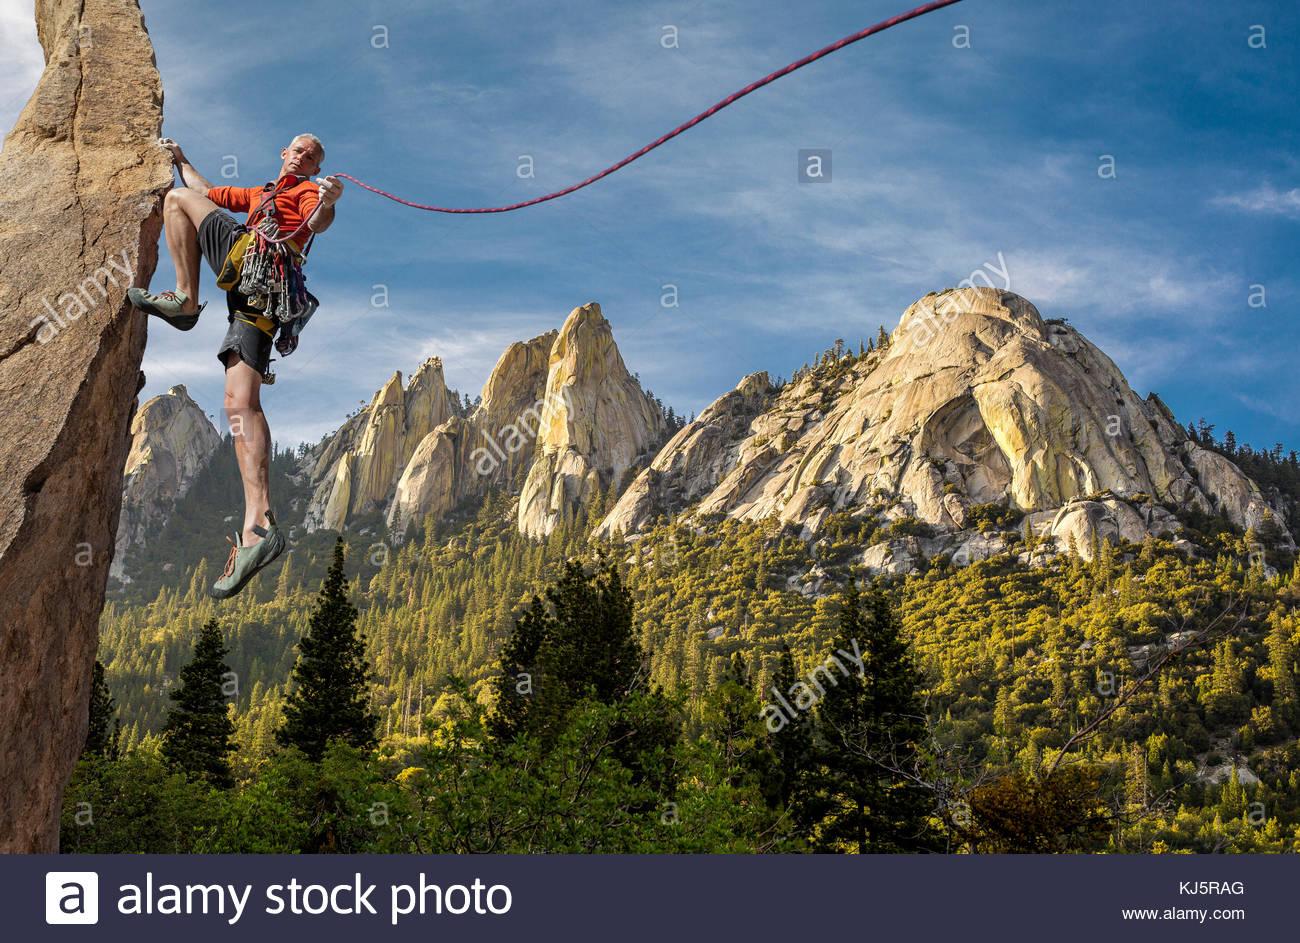 Escalador sosteniendo un hermoso paisaje de montaña de la cuerda. Imagen De Stock